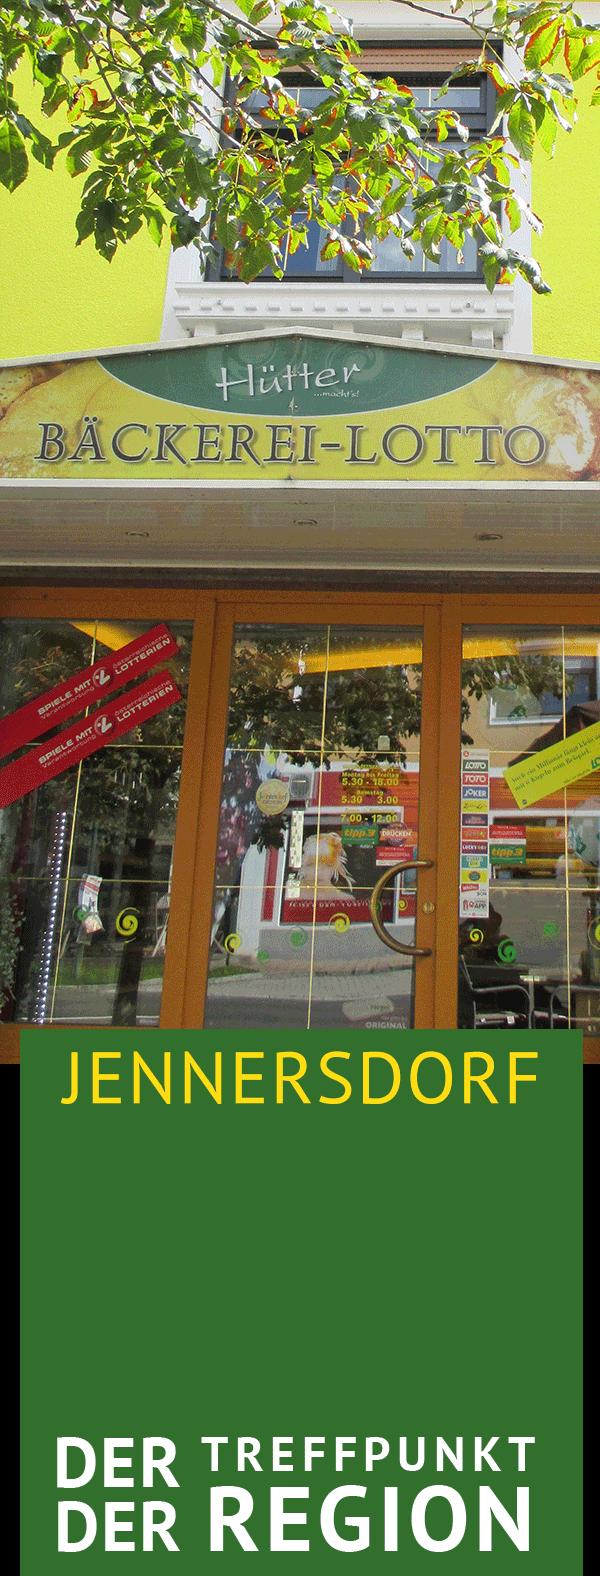 Bäckerei Hütter, Jennersdorf